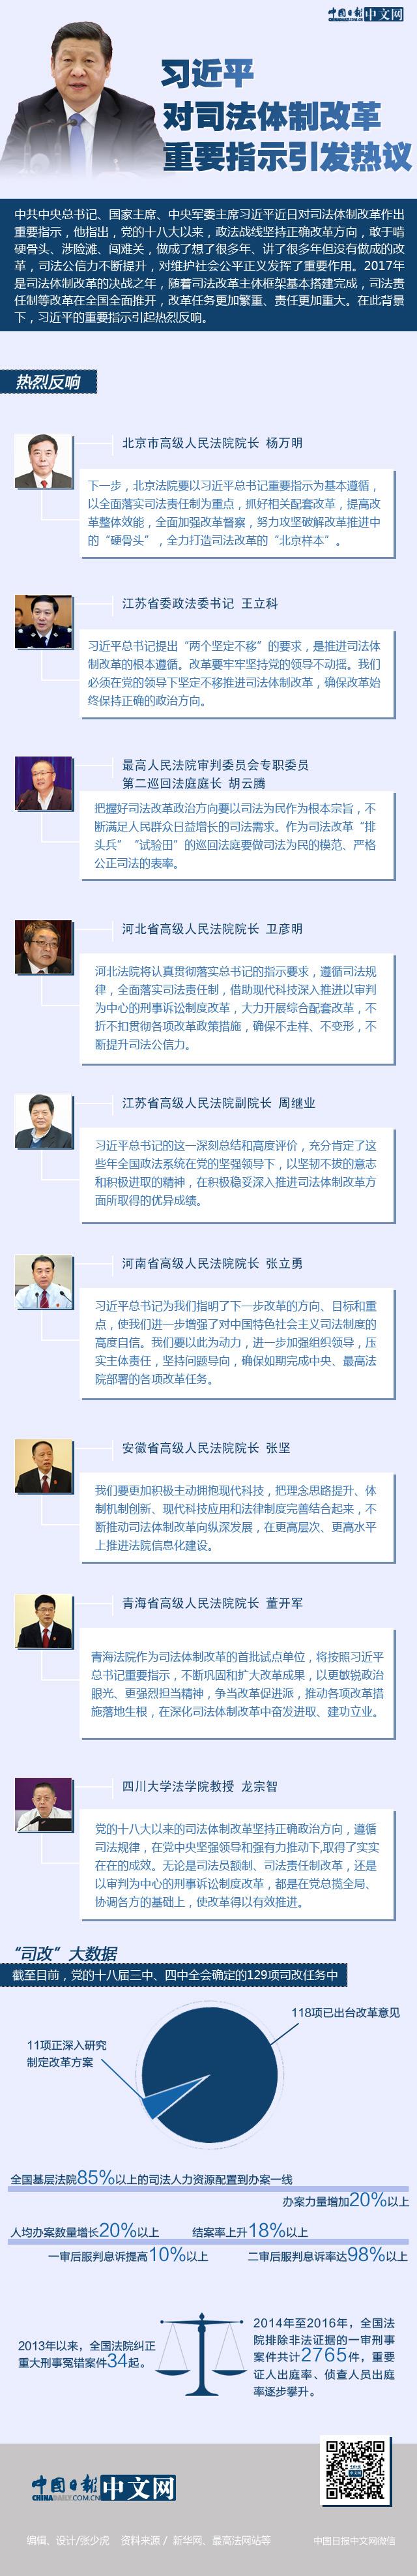 习近平对司法体制改革重要指示引发热议